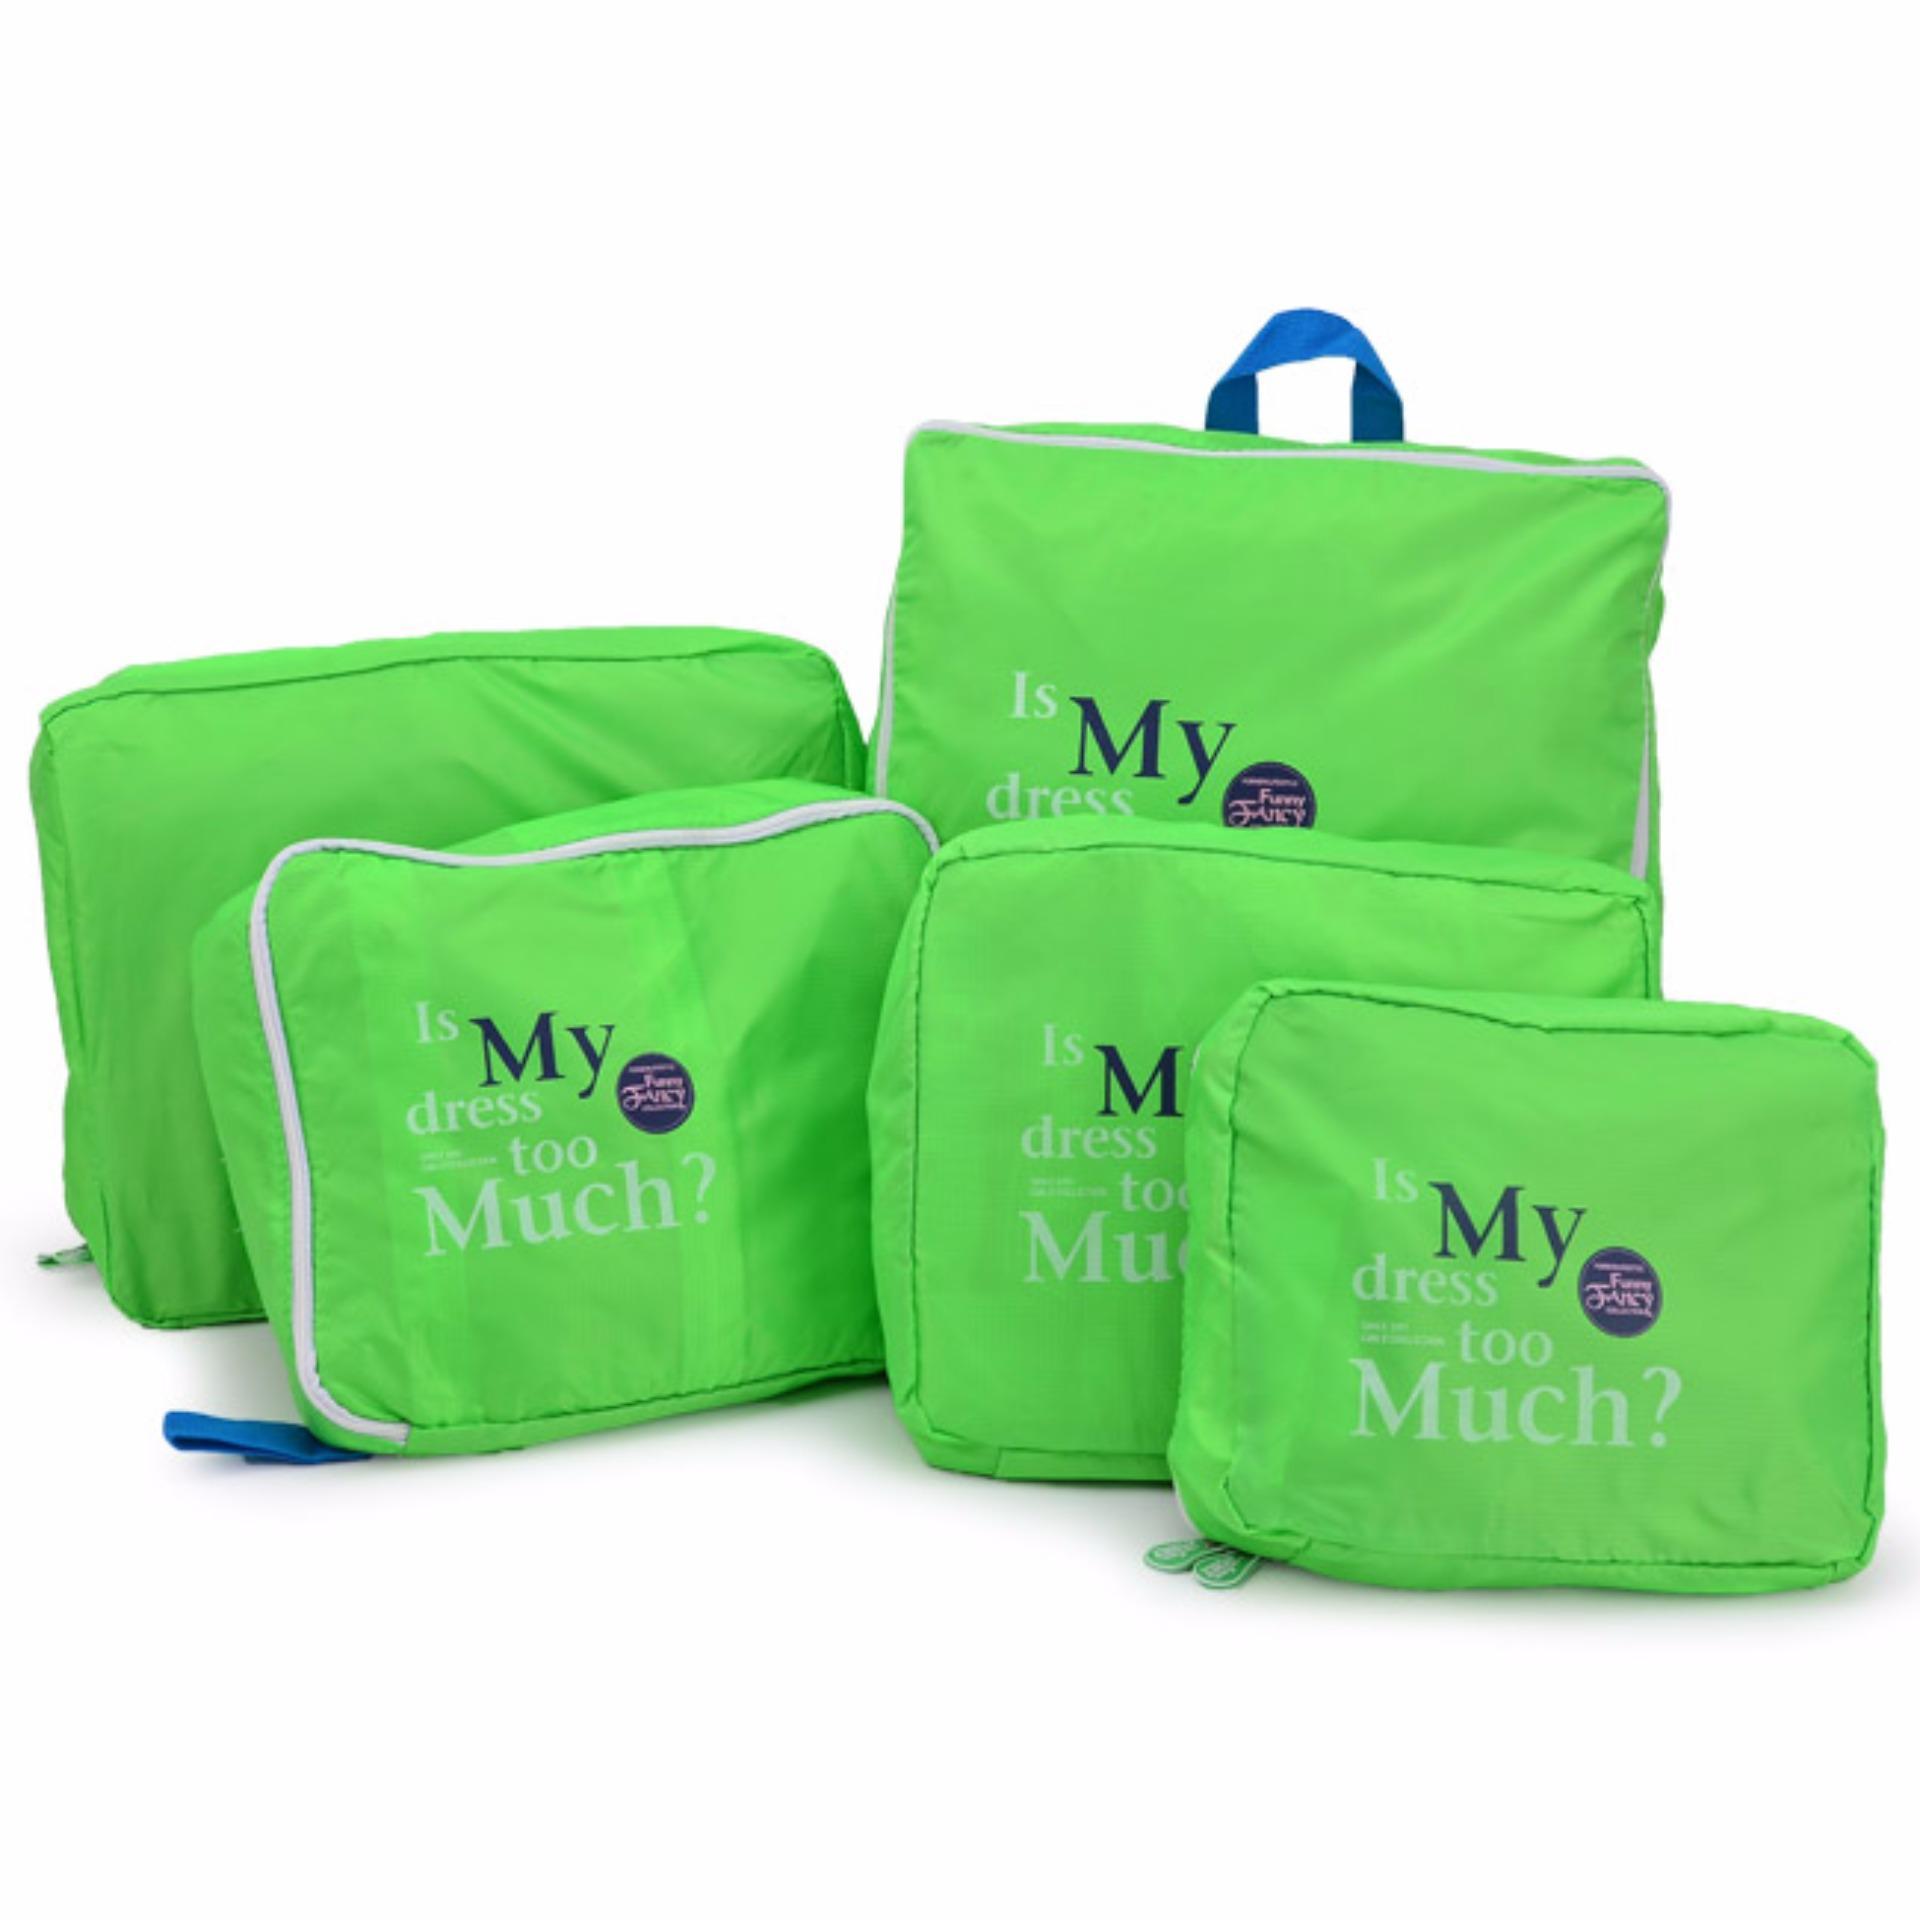 Bộ 5 túi Bag in bags tiện dụng (Xanh lá)